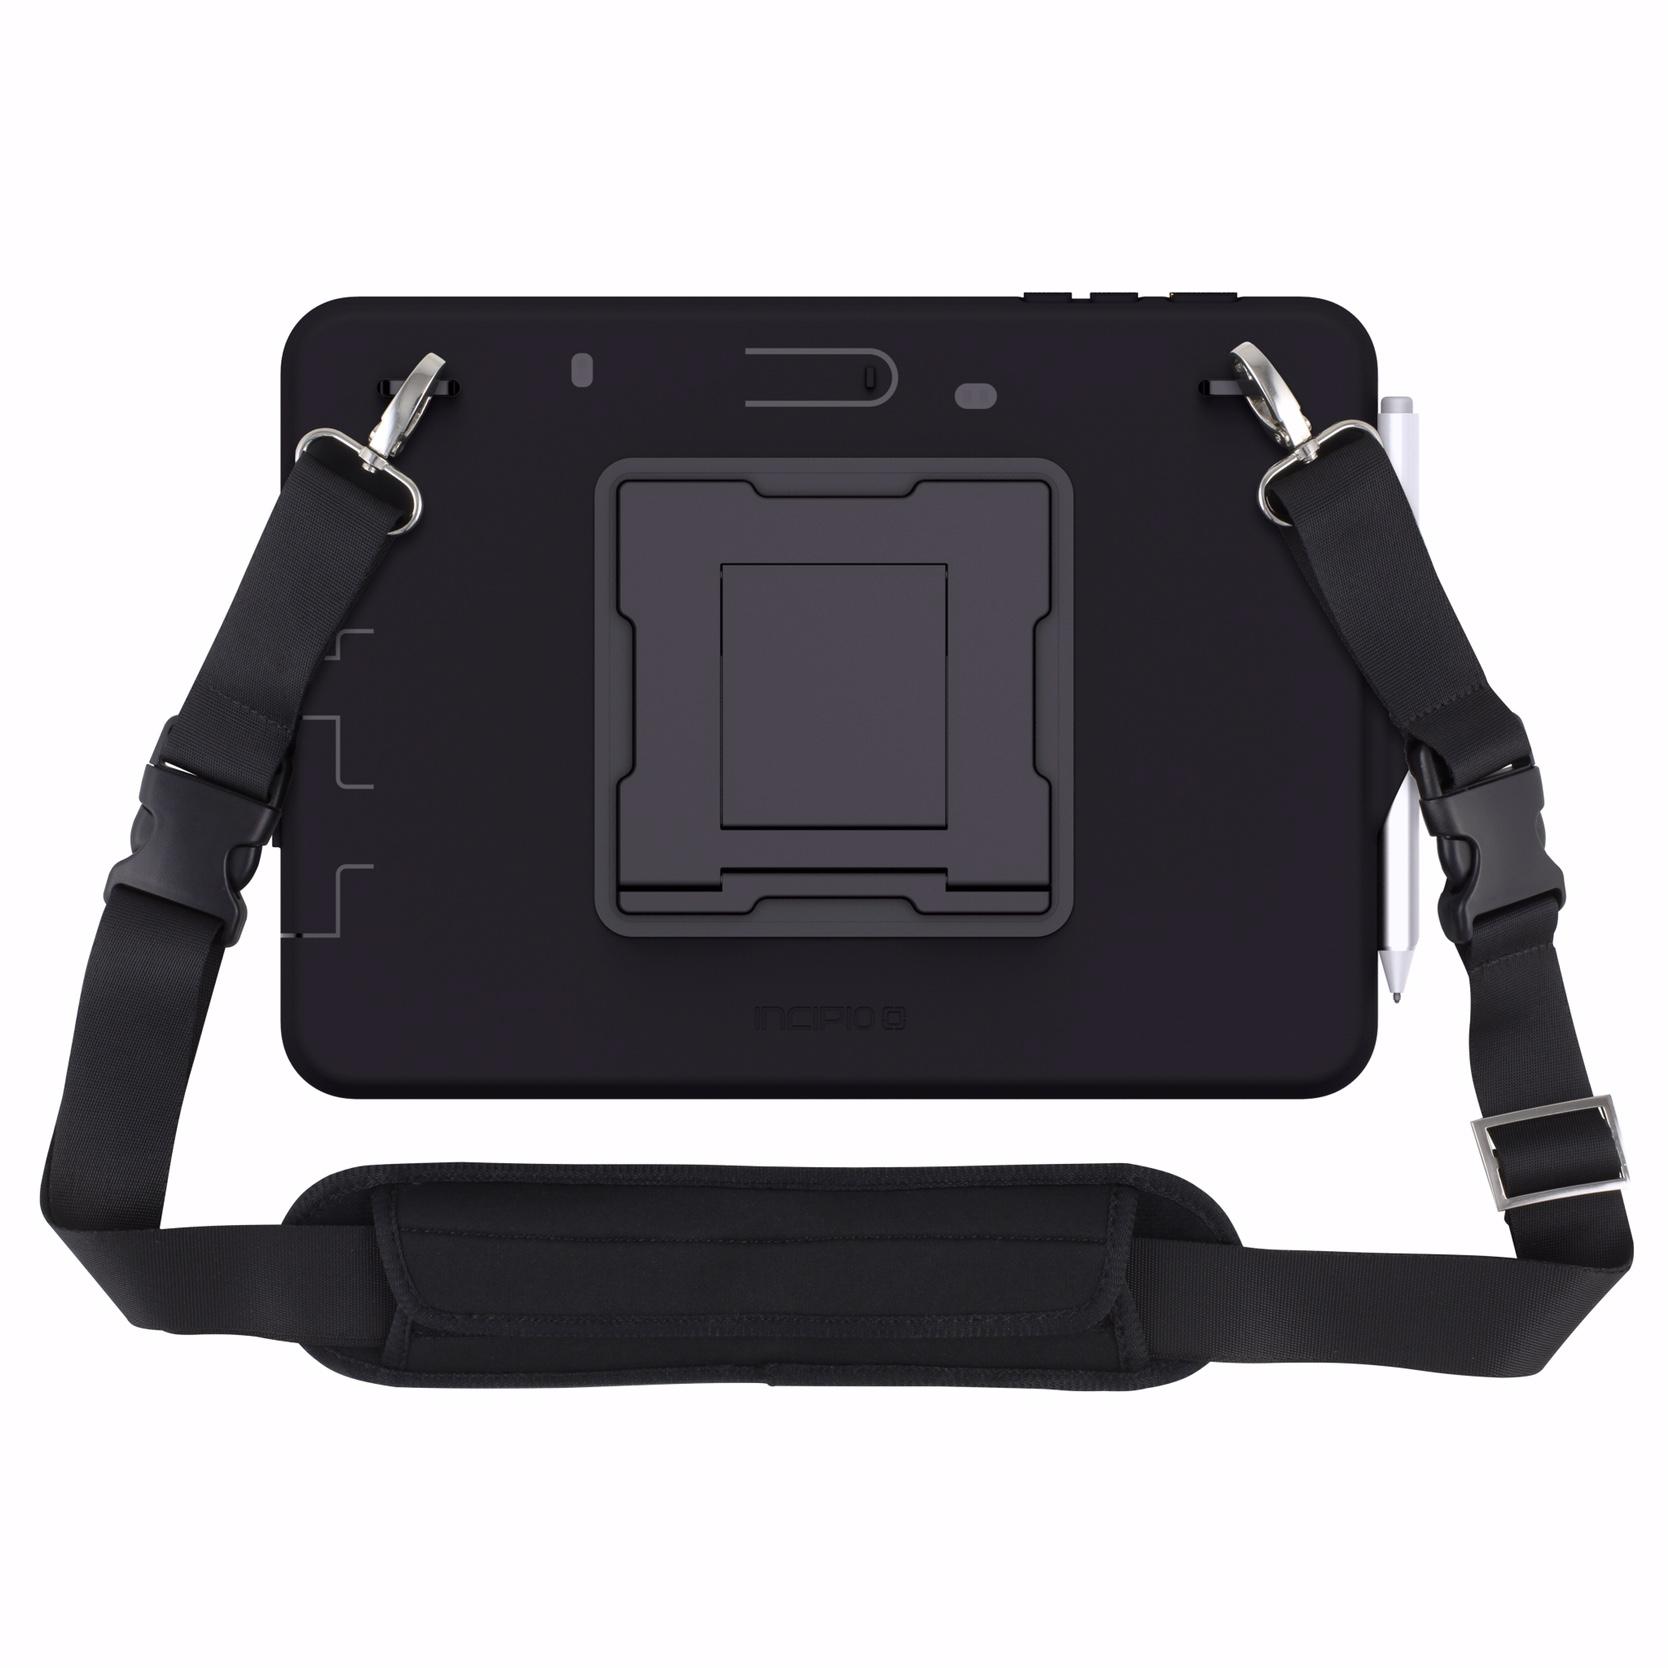 Surface GO 10p Coque renforcee avec sangle main et Tour de cou ou epaule